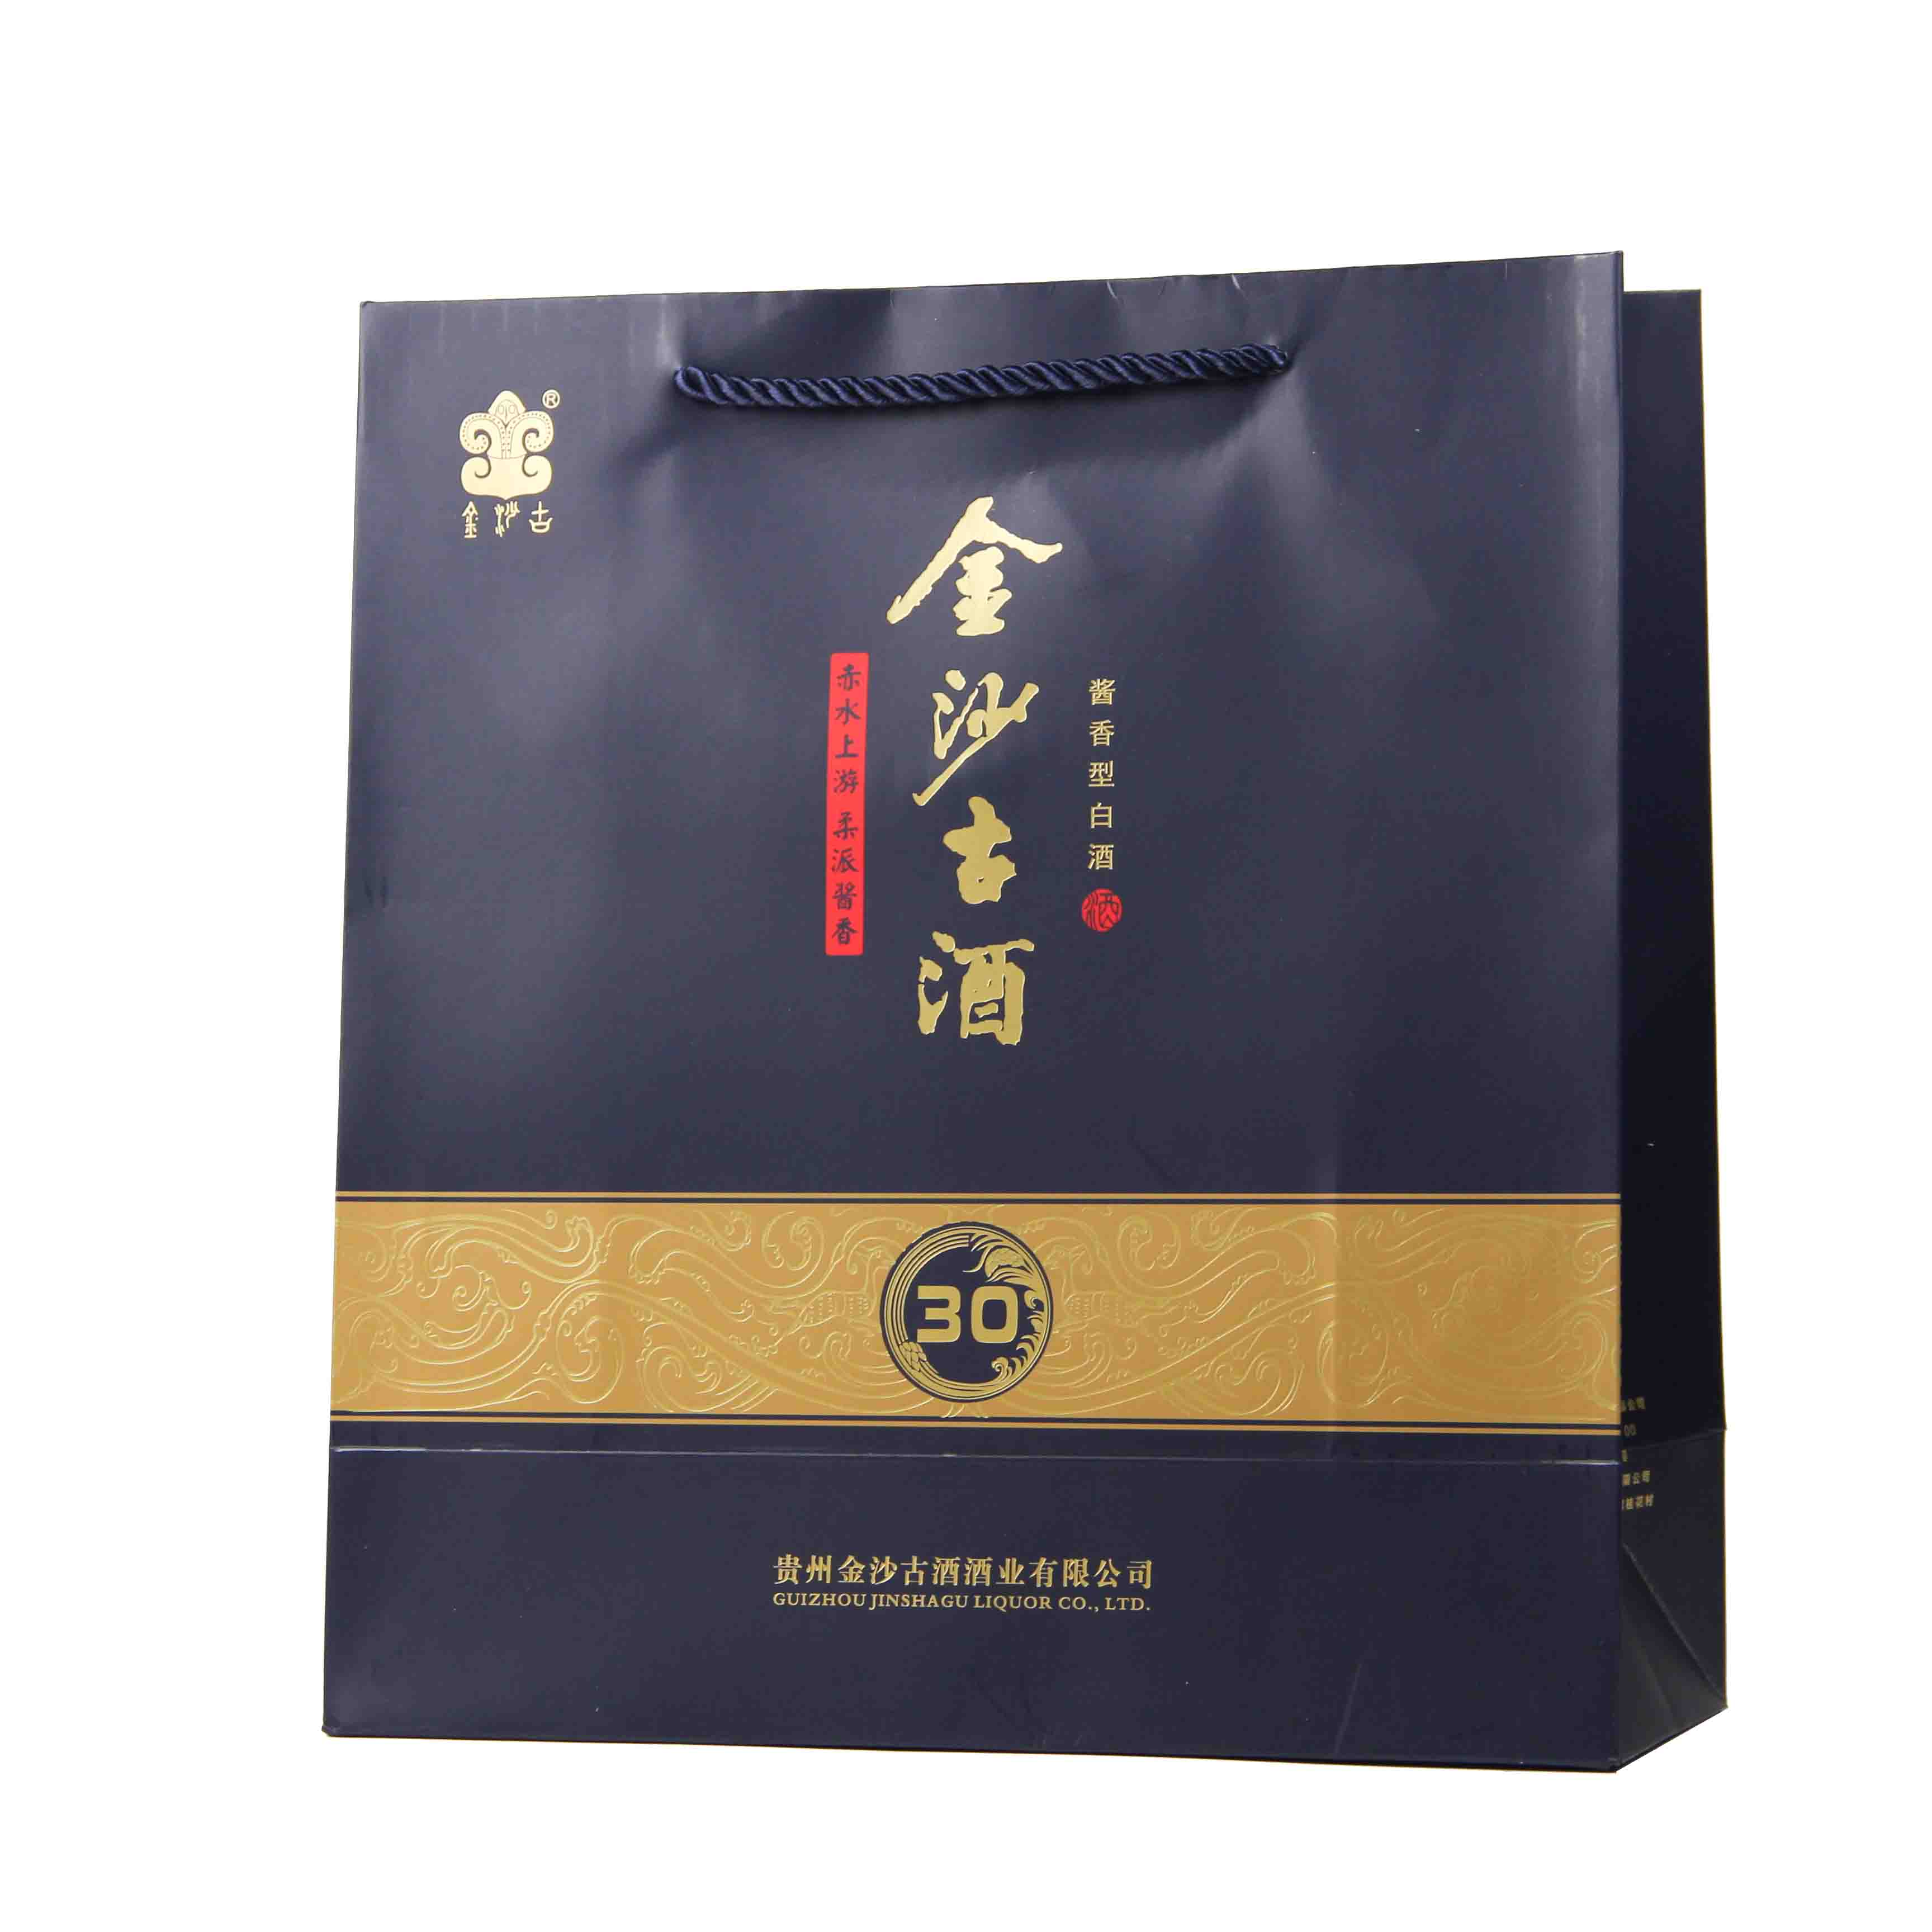 中国贵州茅台镇金沙古酒酱香型白酒